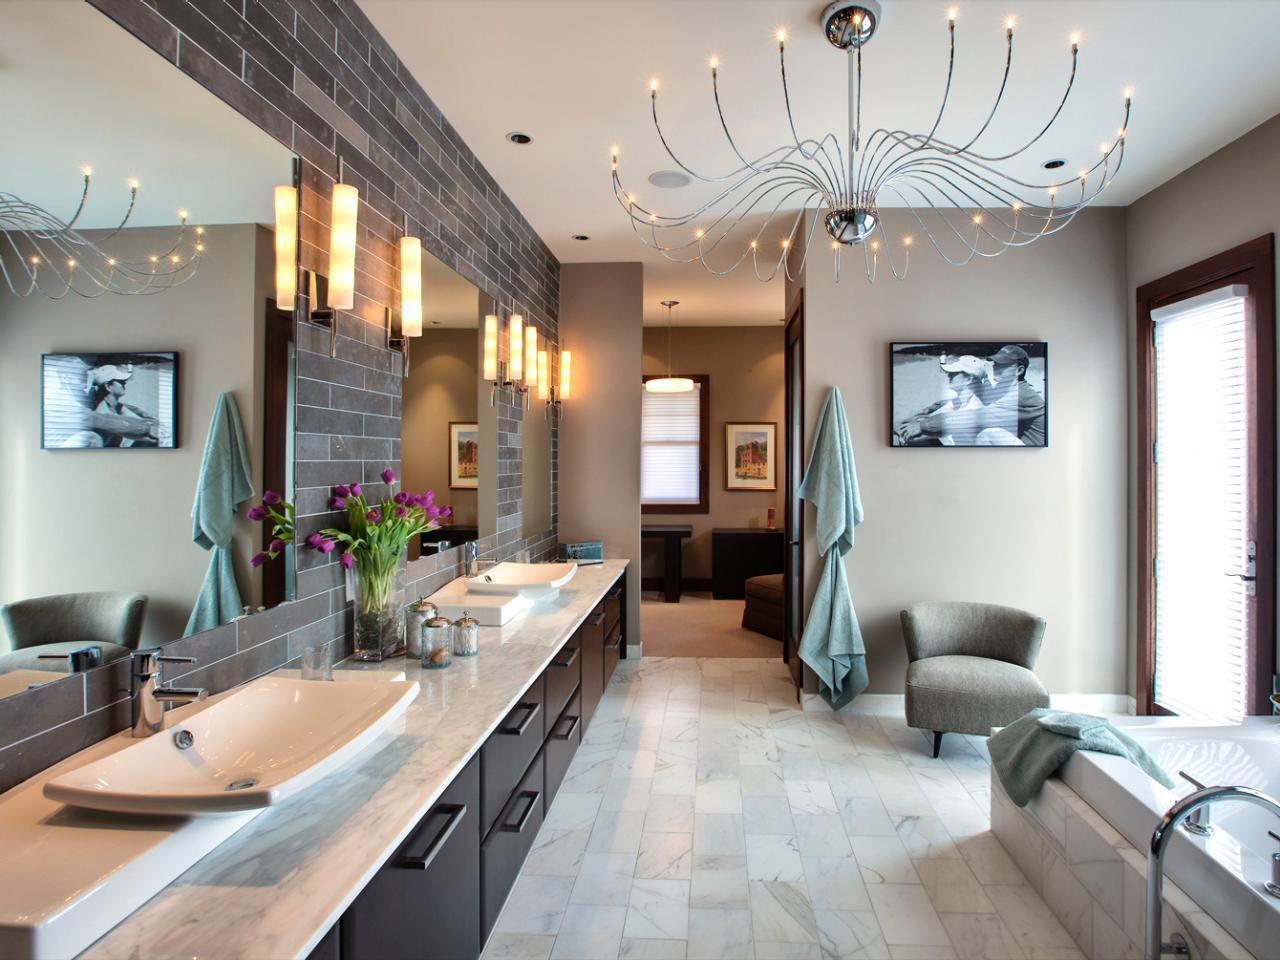 Ванная комната в современном стиле: какой интерьер соответствует времени (91 фото)